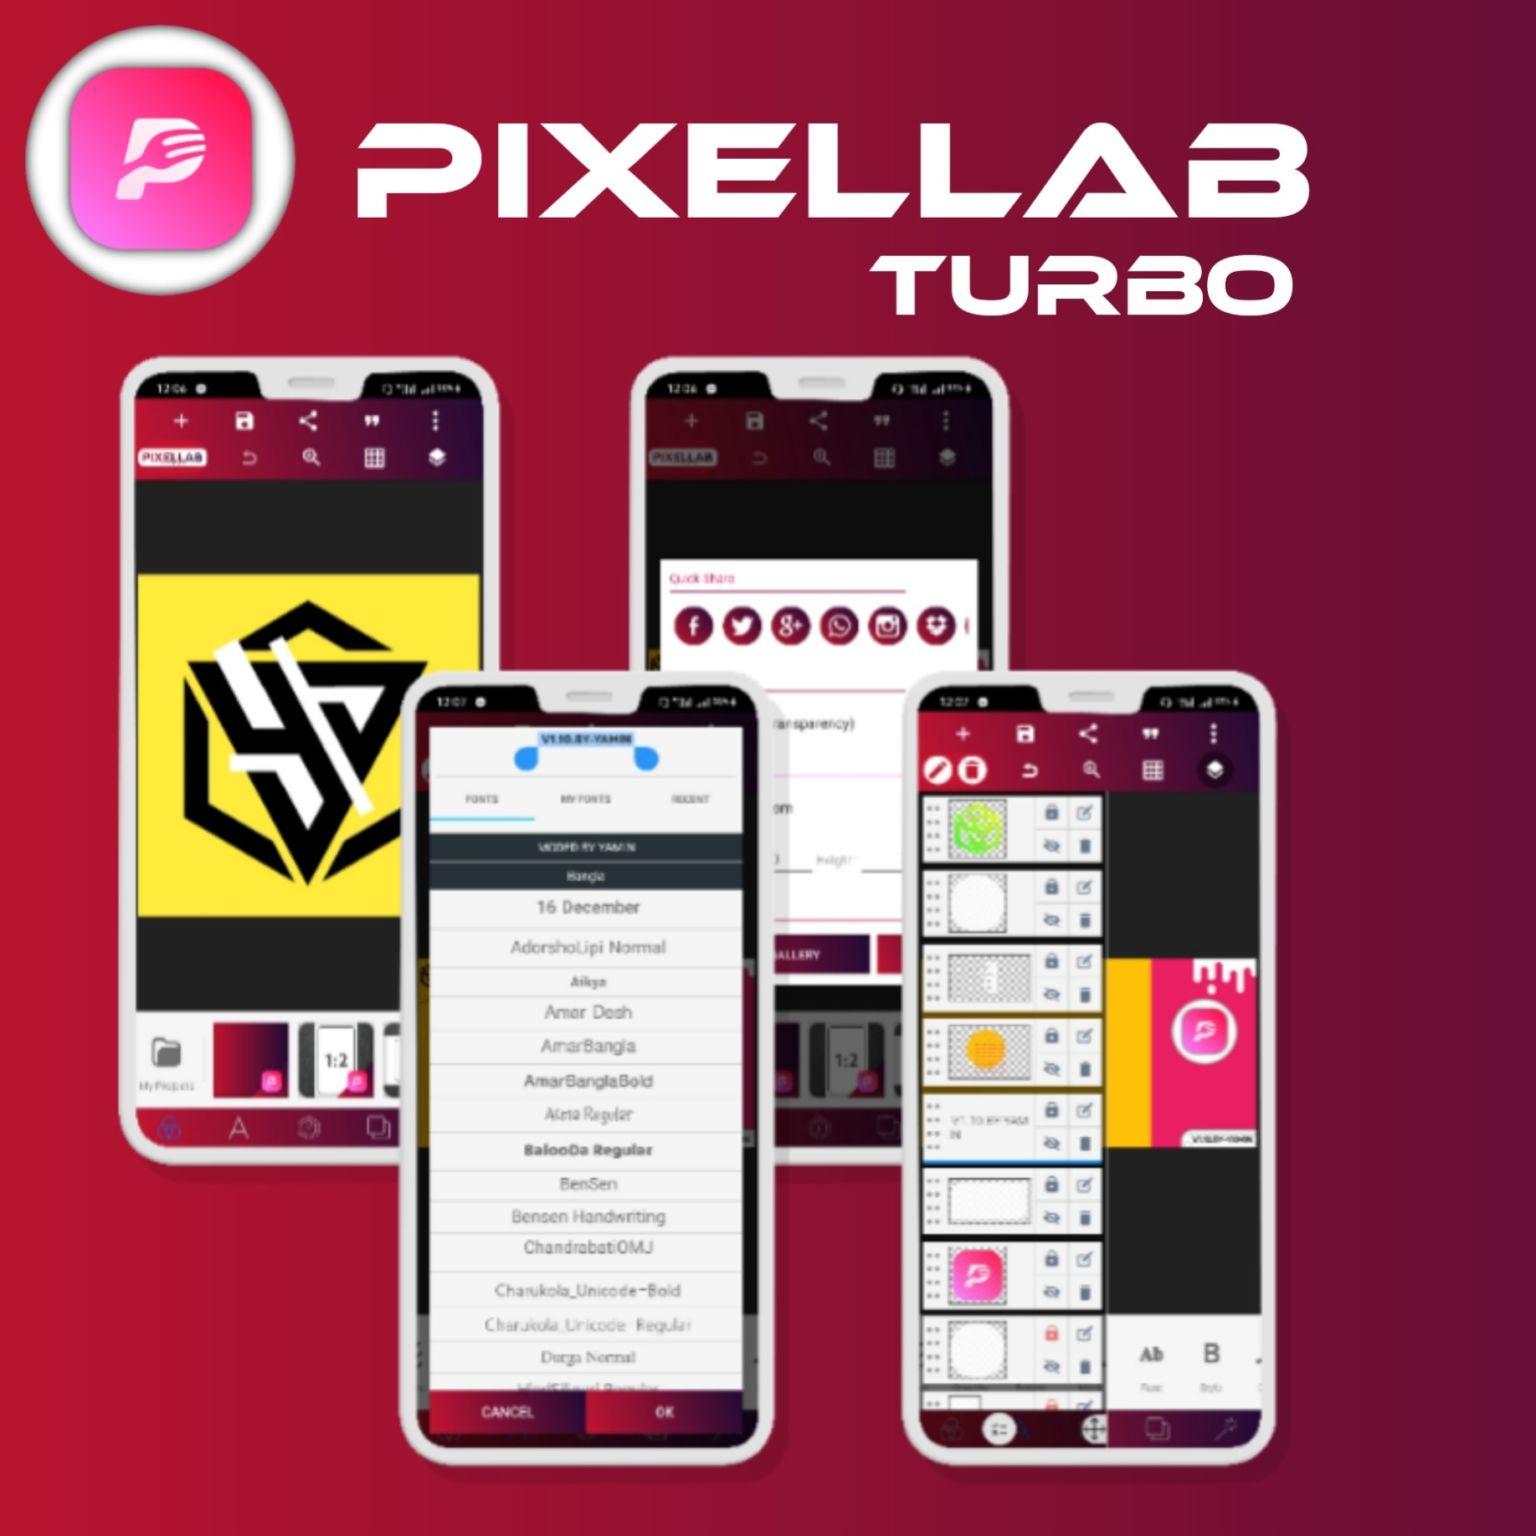 ডাউনলোড করে নিন PixelLab V1.9.9 Mod লেটেস্ট ভার্সন সাথে অনেক ফিউচার বিস্তারিত পোস্টে